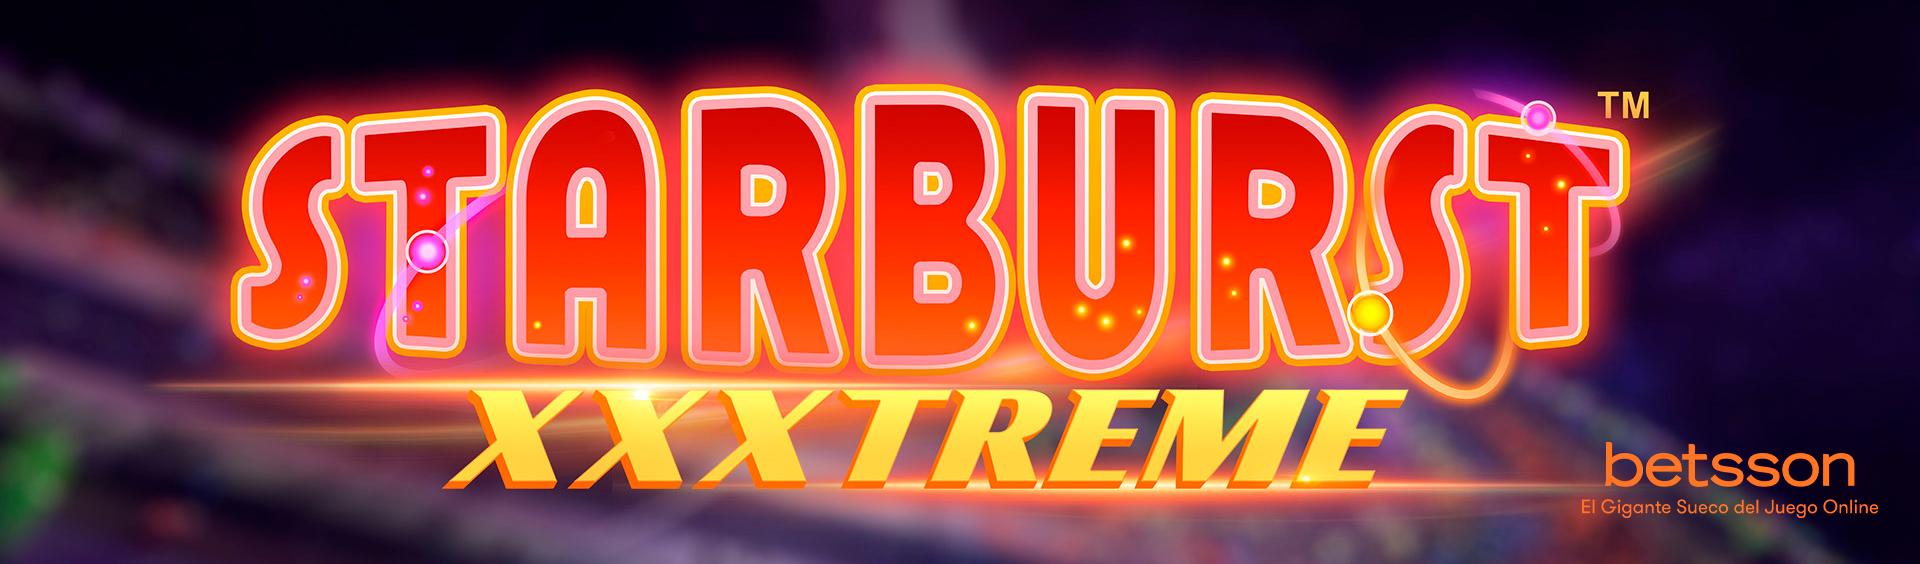 Slot Review: Starburst XXXtreme